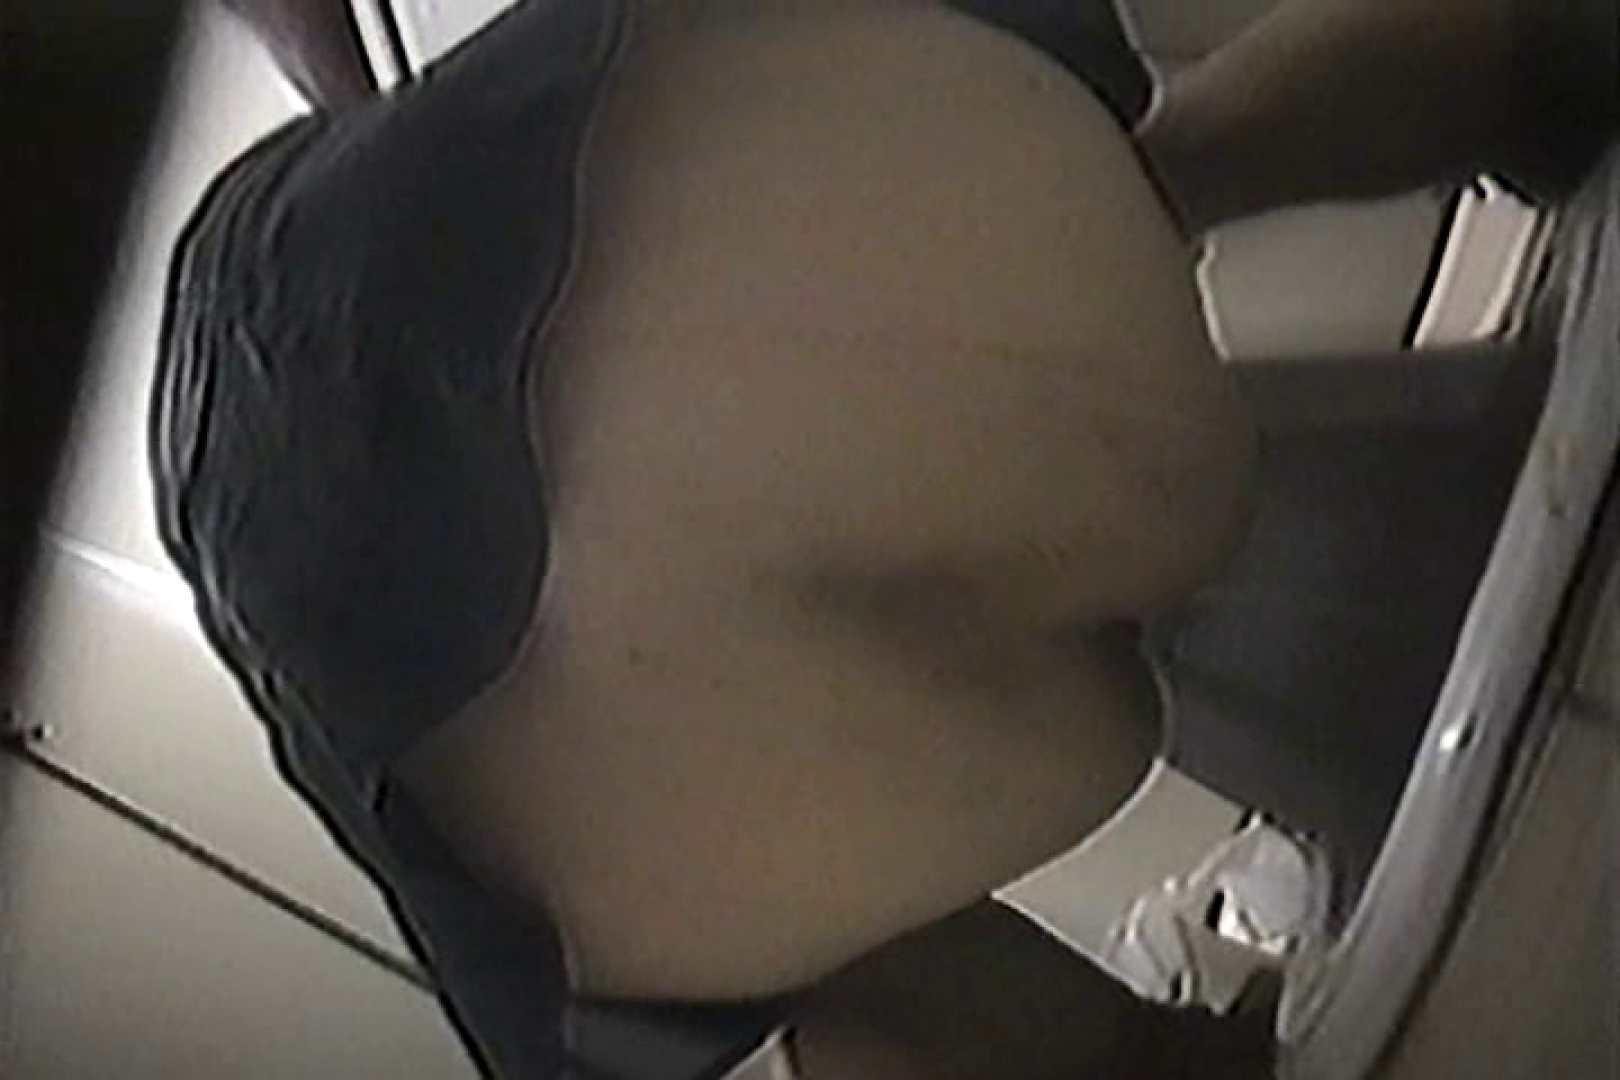 ファミレス洗面所No1 赤外線 盗撮おめこ無修正動画無料 71PICs 15